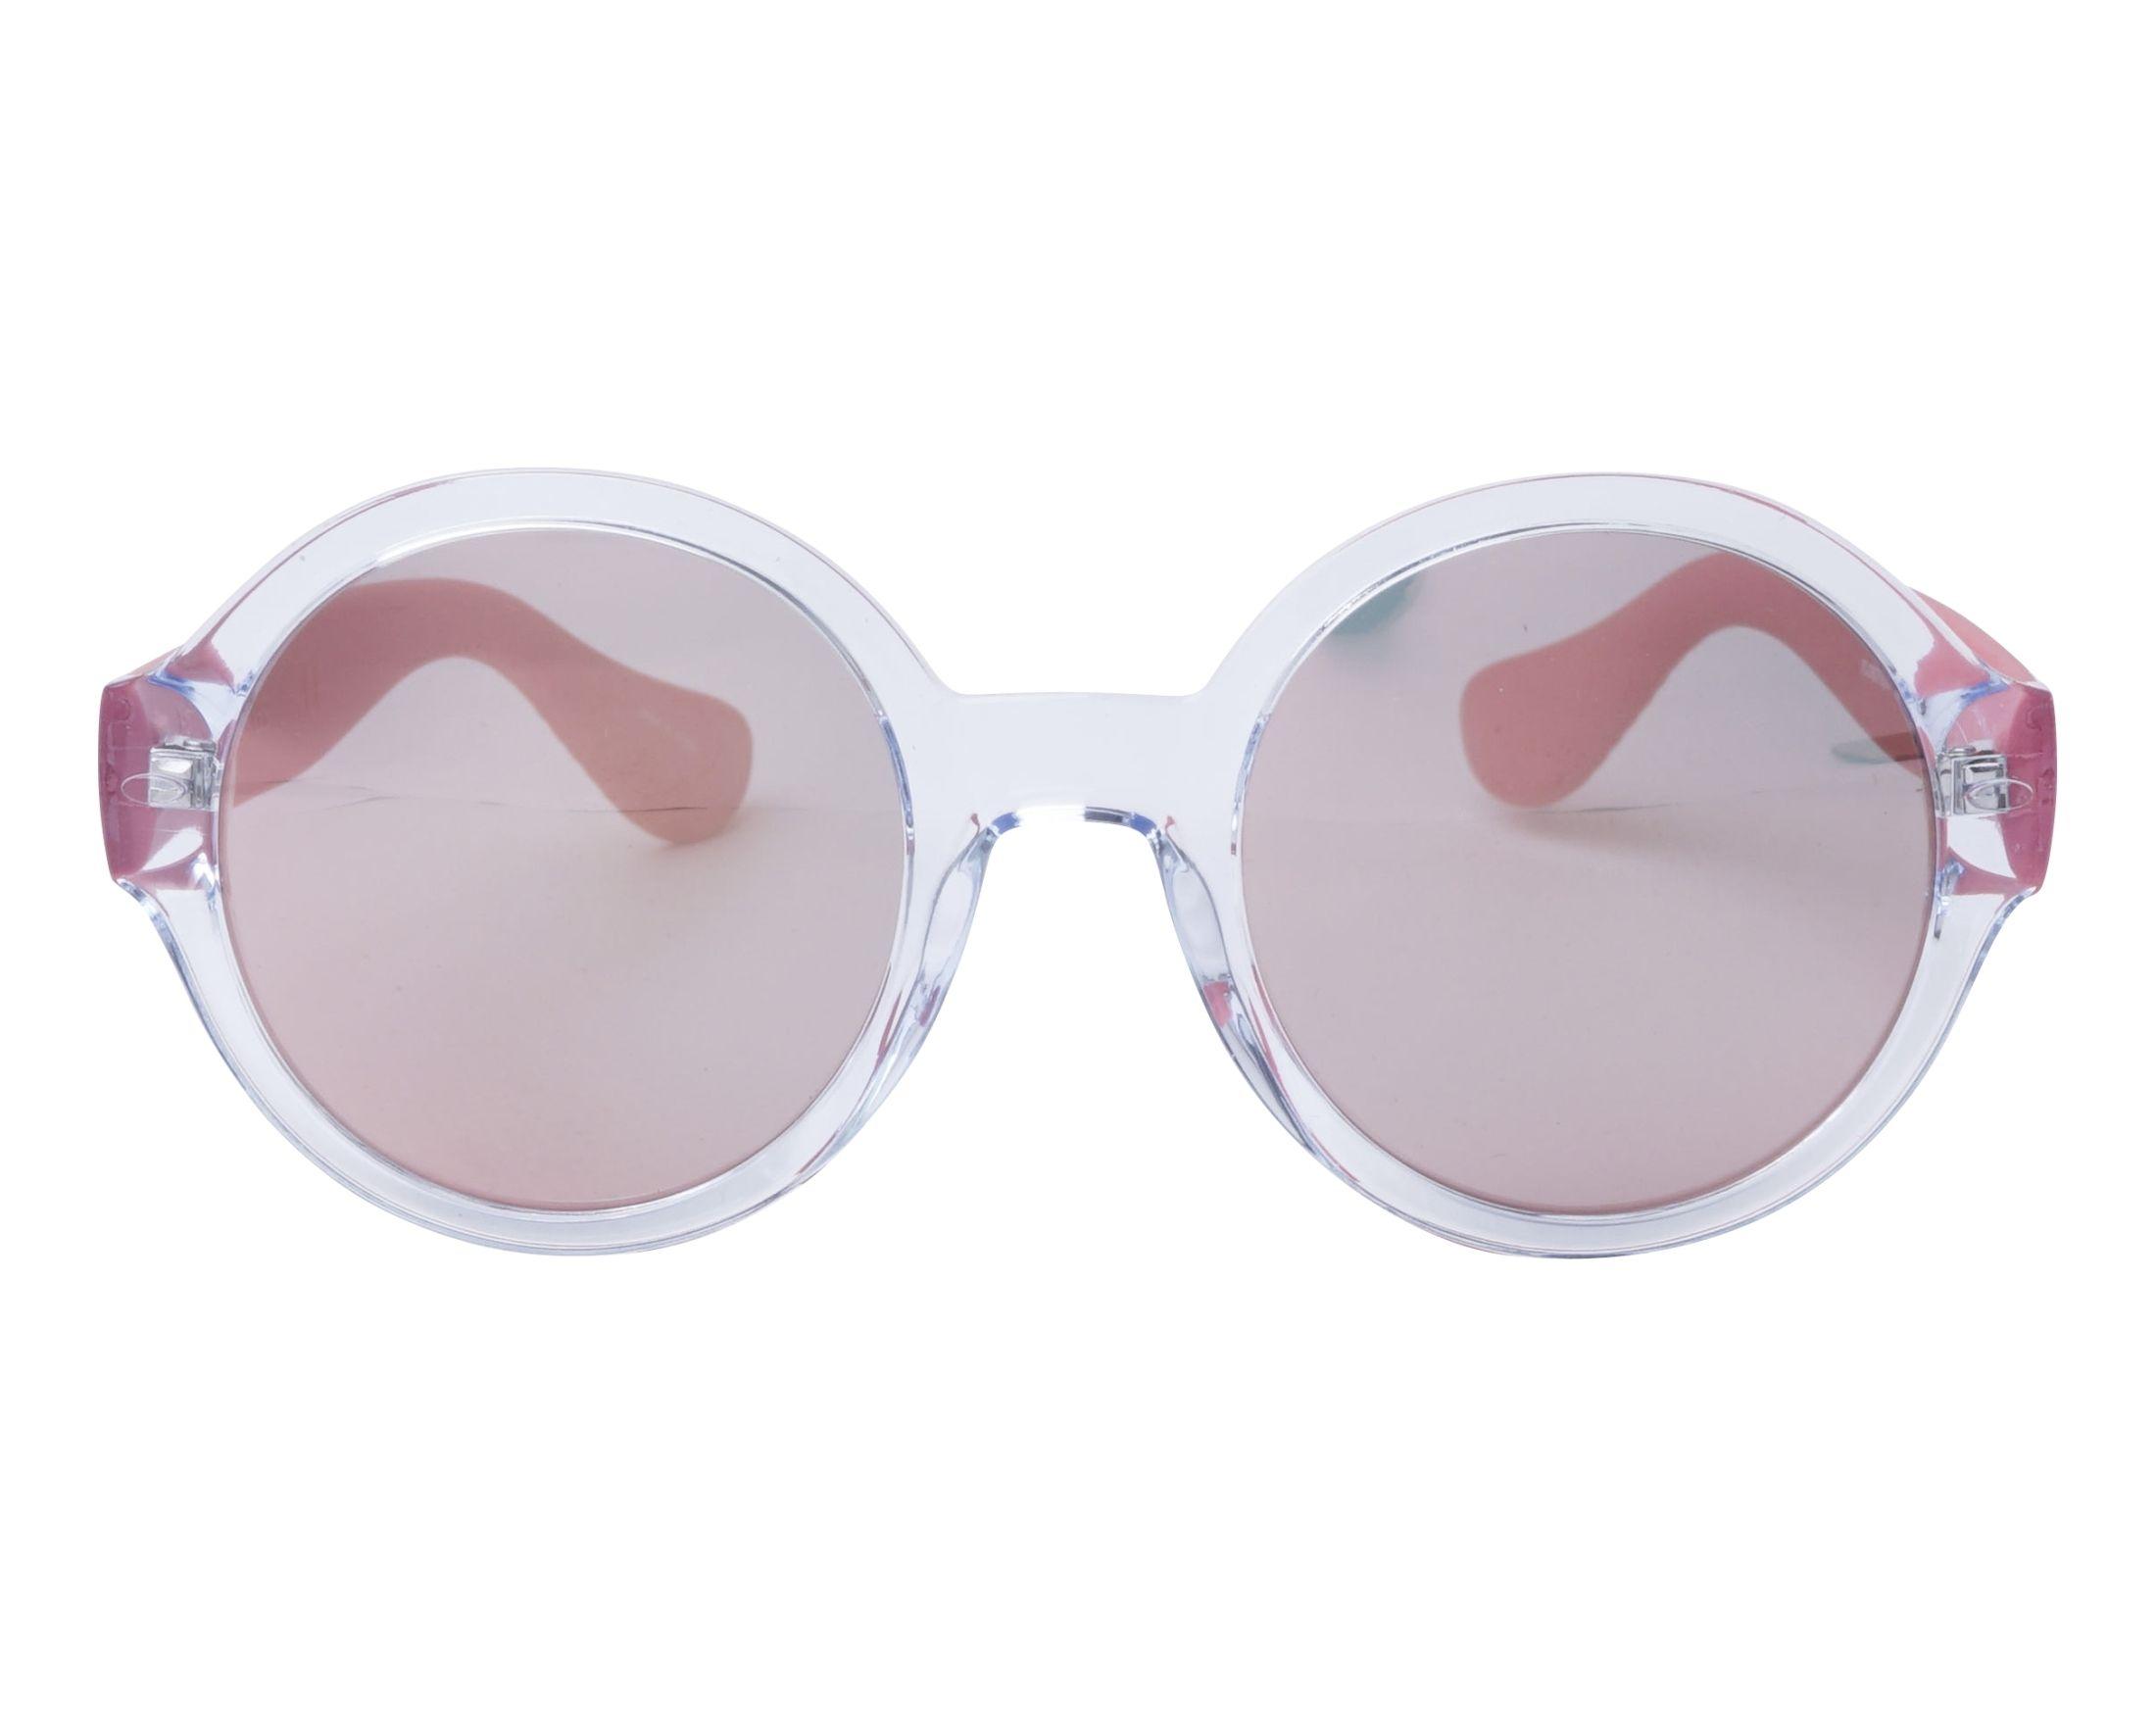 d419d98f00 Gafas de sol Havaianas FLORIPA-M 6OC0J 51-23 Cristal Rosa vista de frente